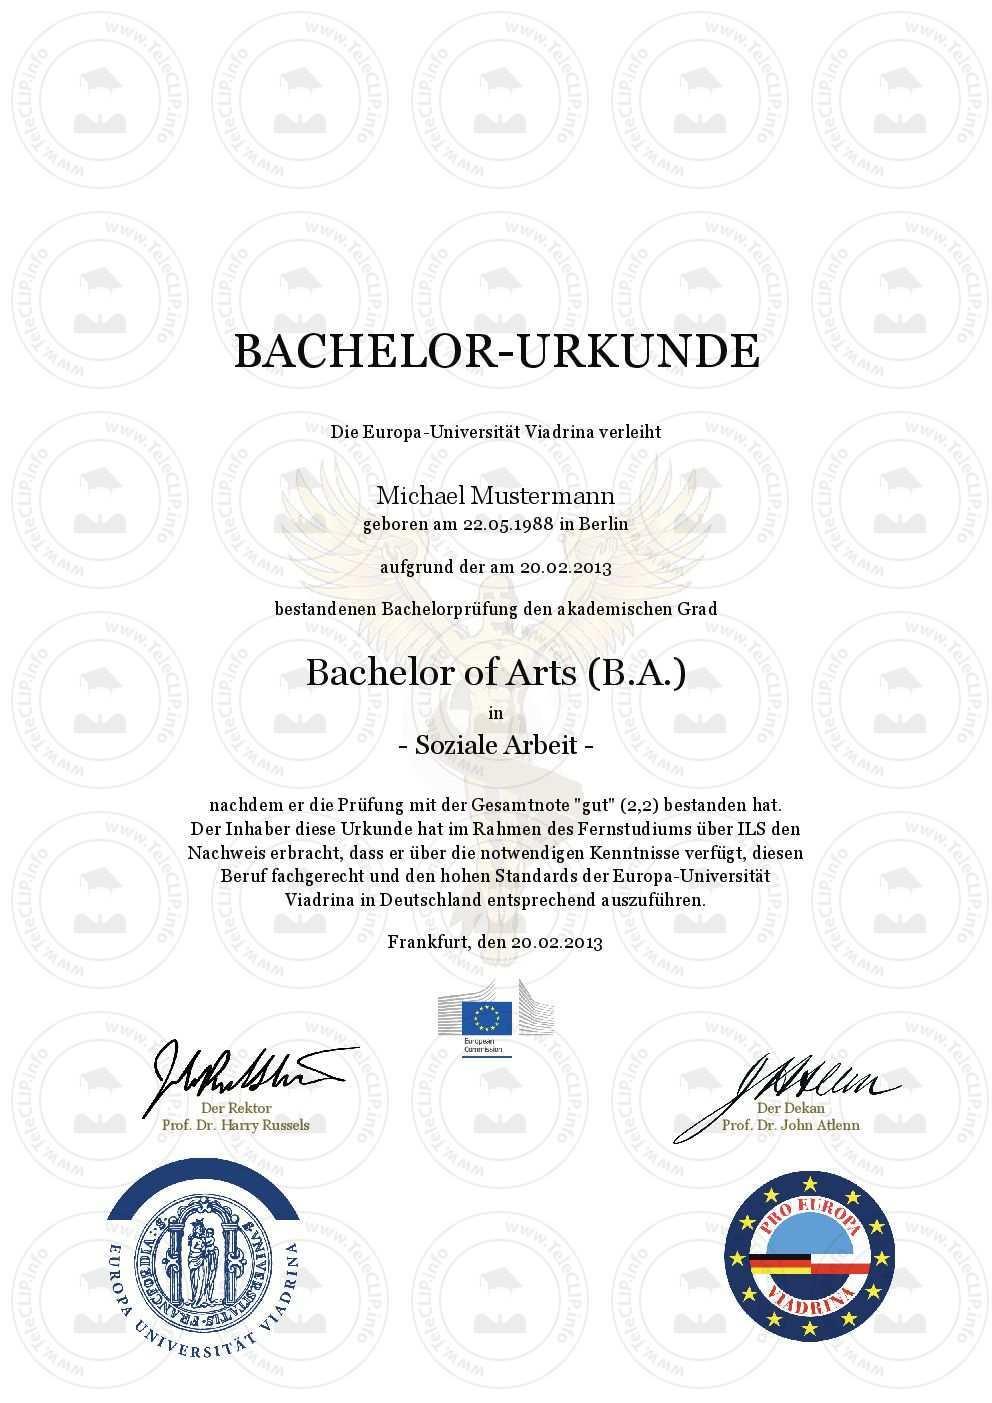 Bachelor Kaufen Fh Bachelor Kaufen Bachelor Urkunde Erwerben Bachelor Abschluss Kaufen Bachelor Falschen Diplom Kaufen Bachelor Meisterbrief Gesellenbrief